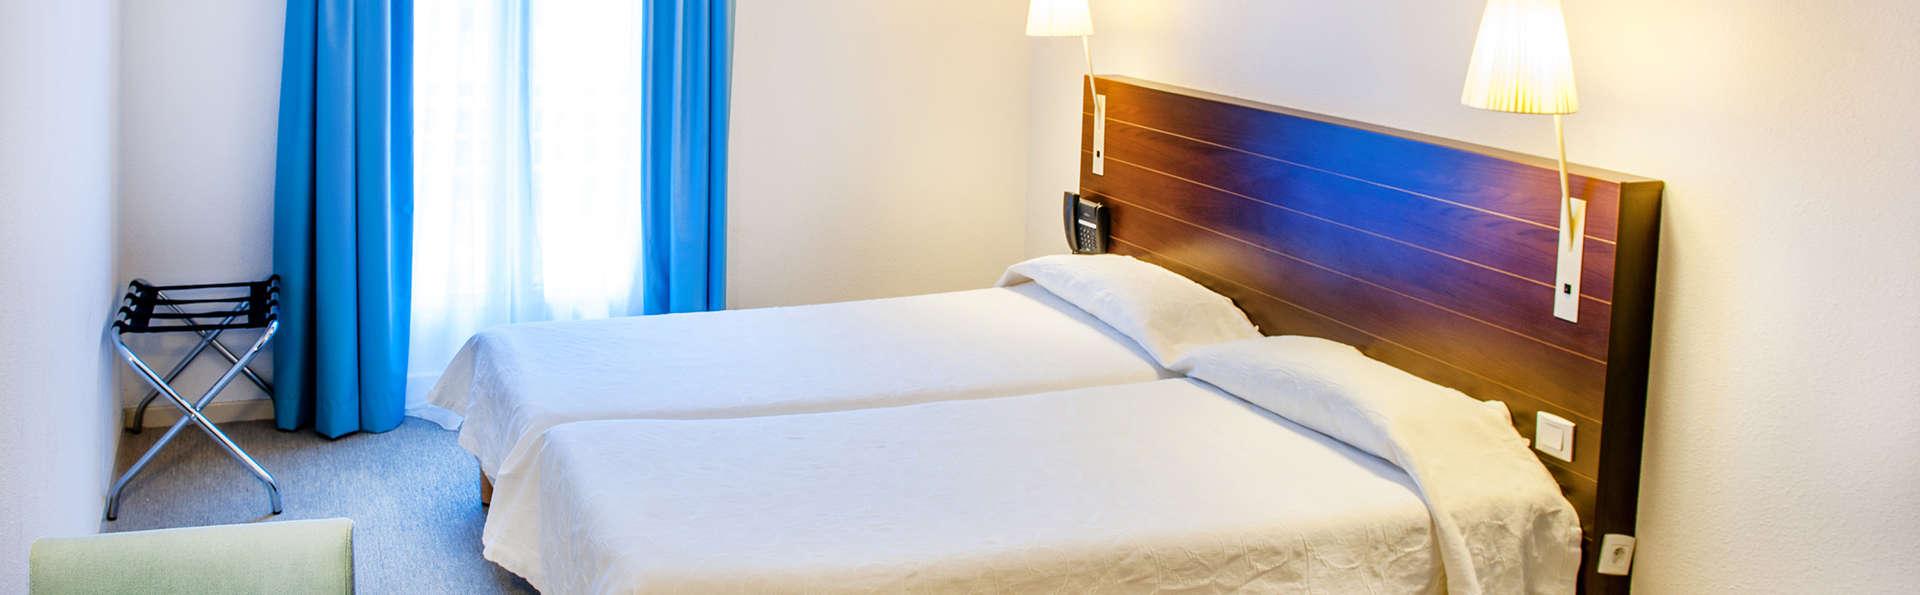 Hôtel-Résidence Saint Jean - Edit_Room3.jpg